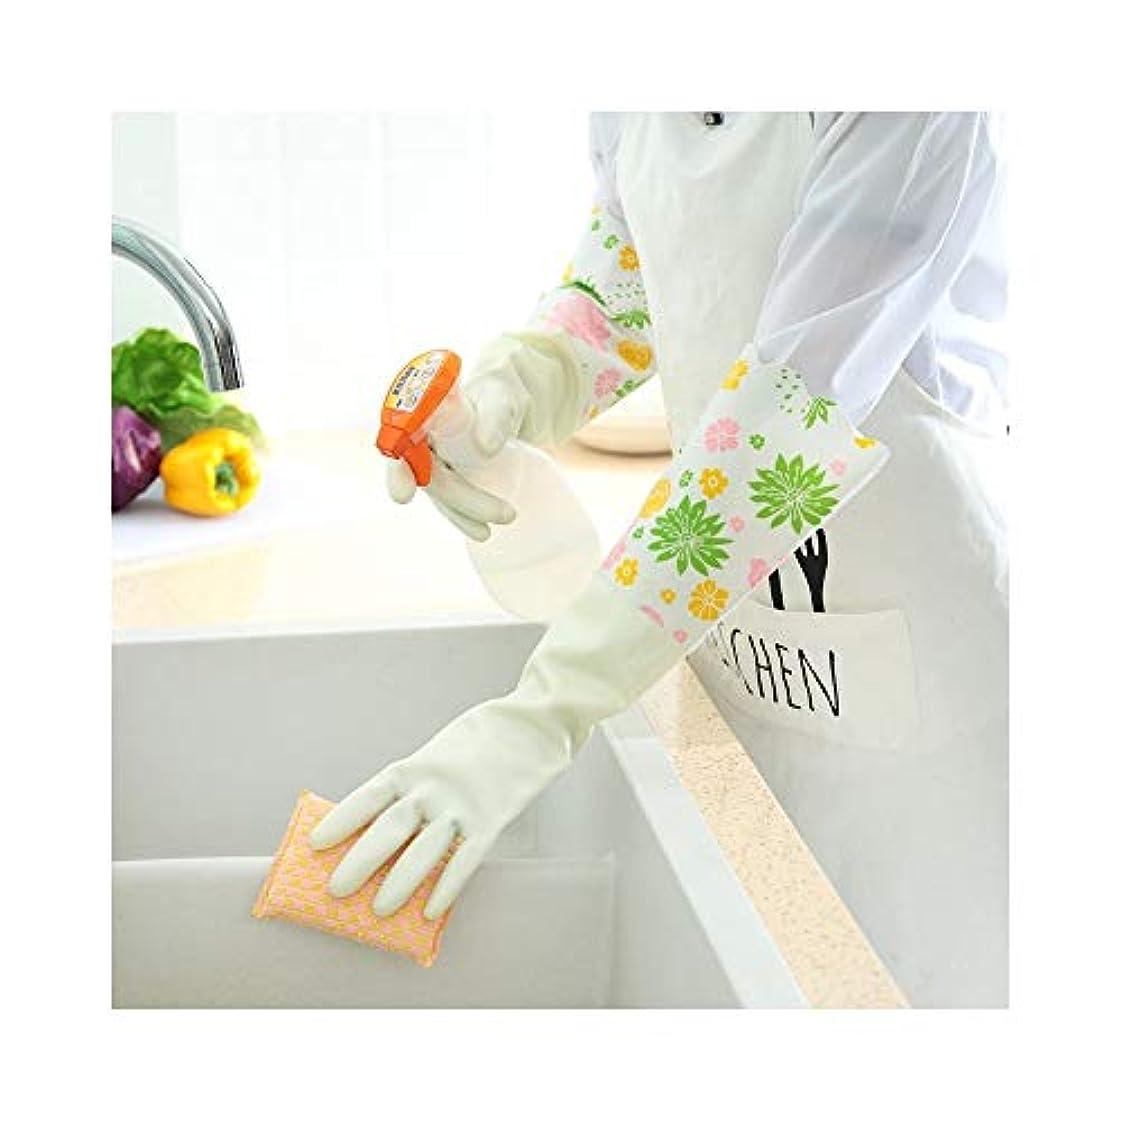 五ここに動脈ニトリルゴム手袋 キッチン用手袋防水性と耐久性のあるゴム製家事用手袋、1ペア 使い捨て手袋 (Color : GREEN, Size : L)